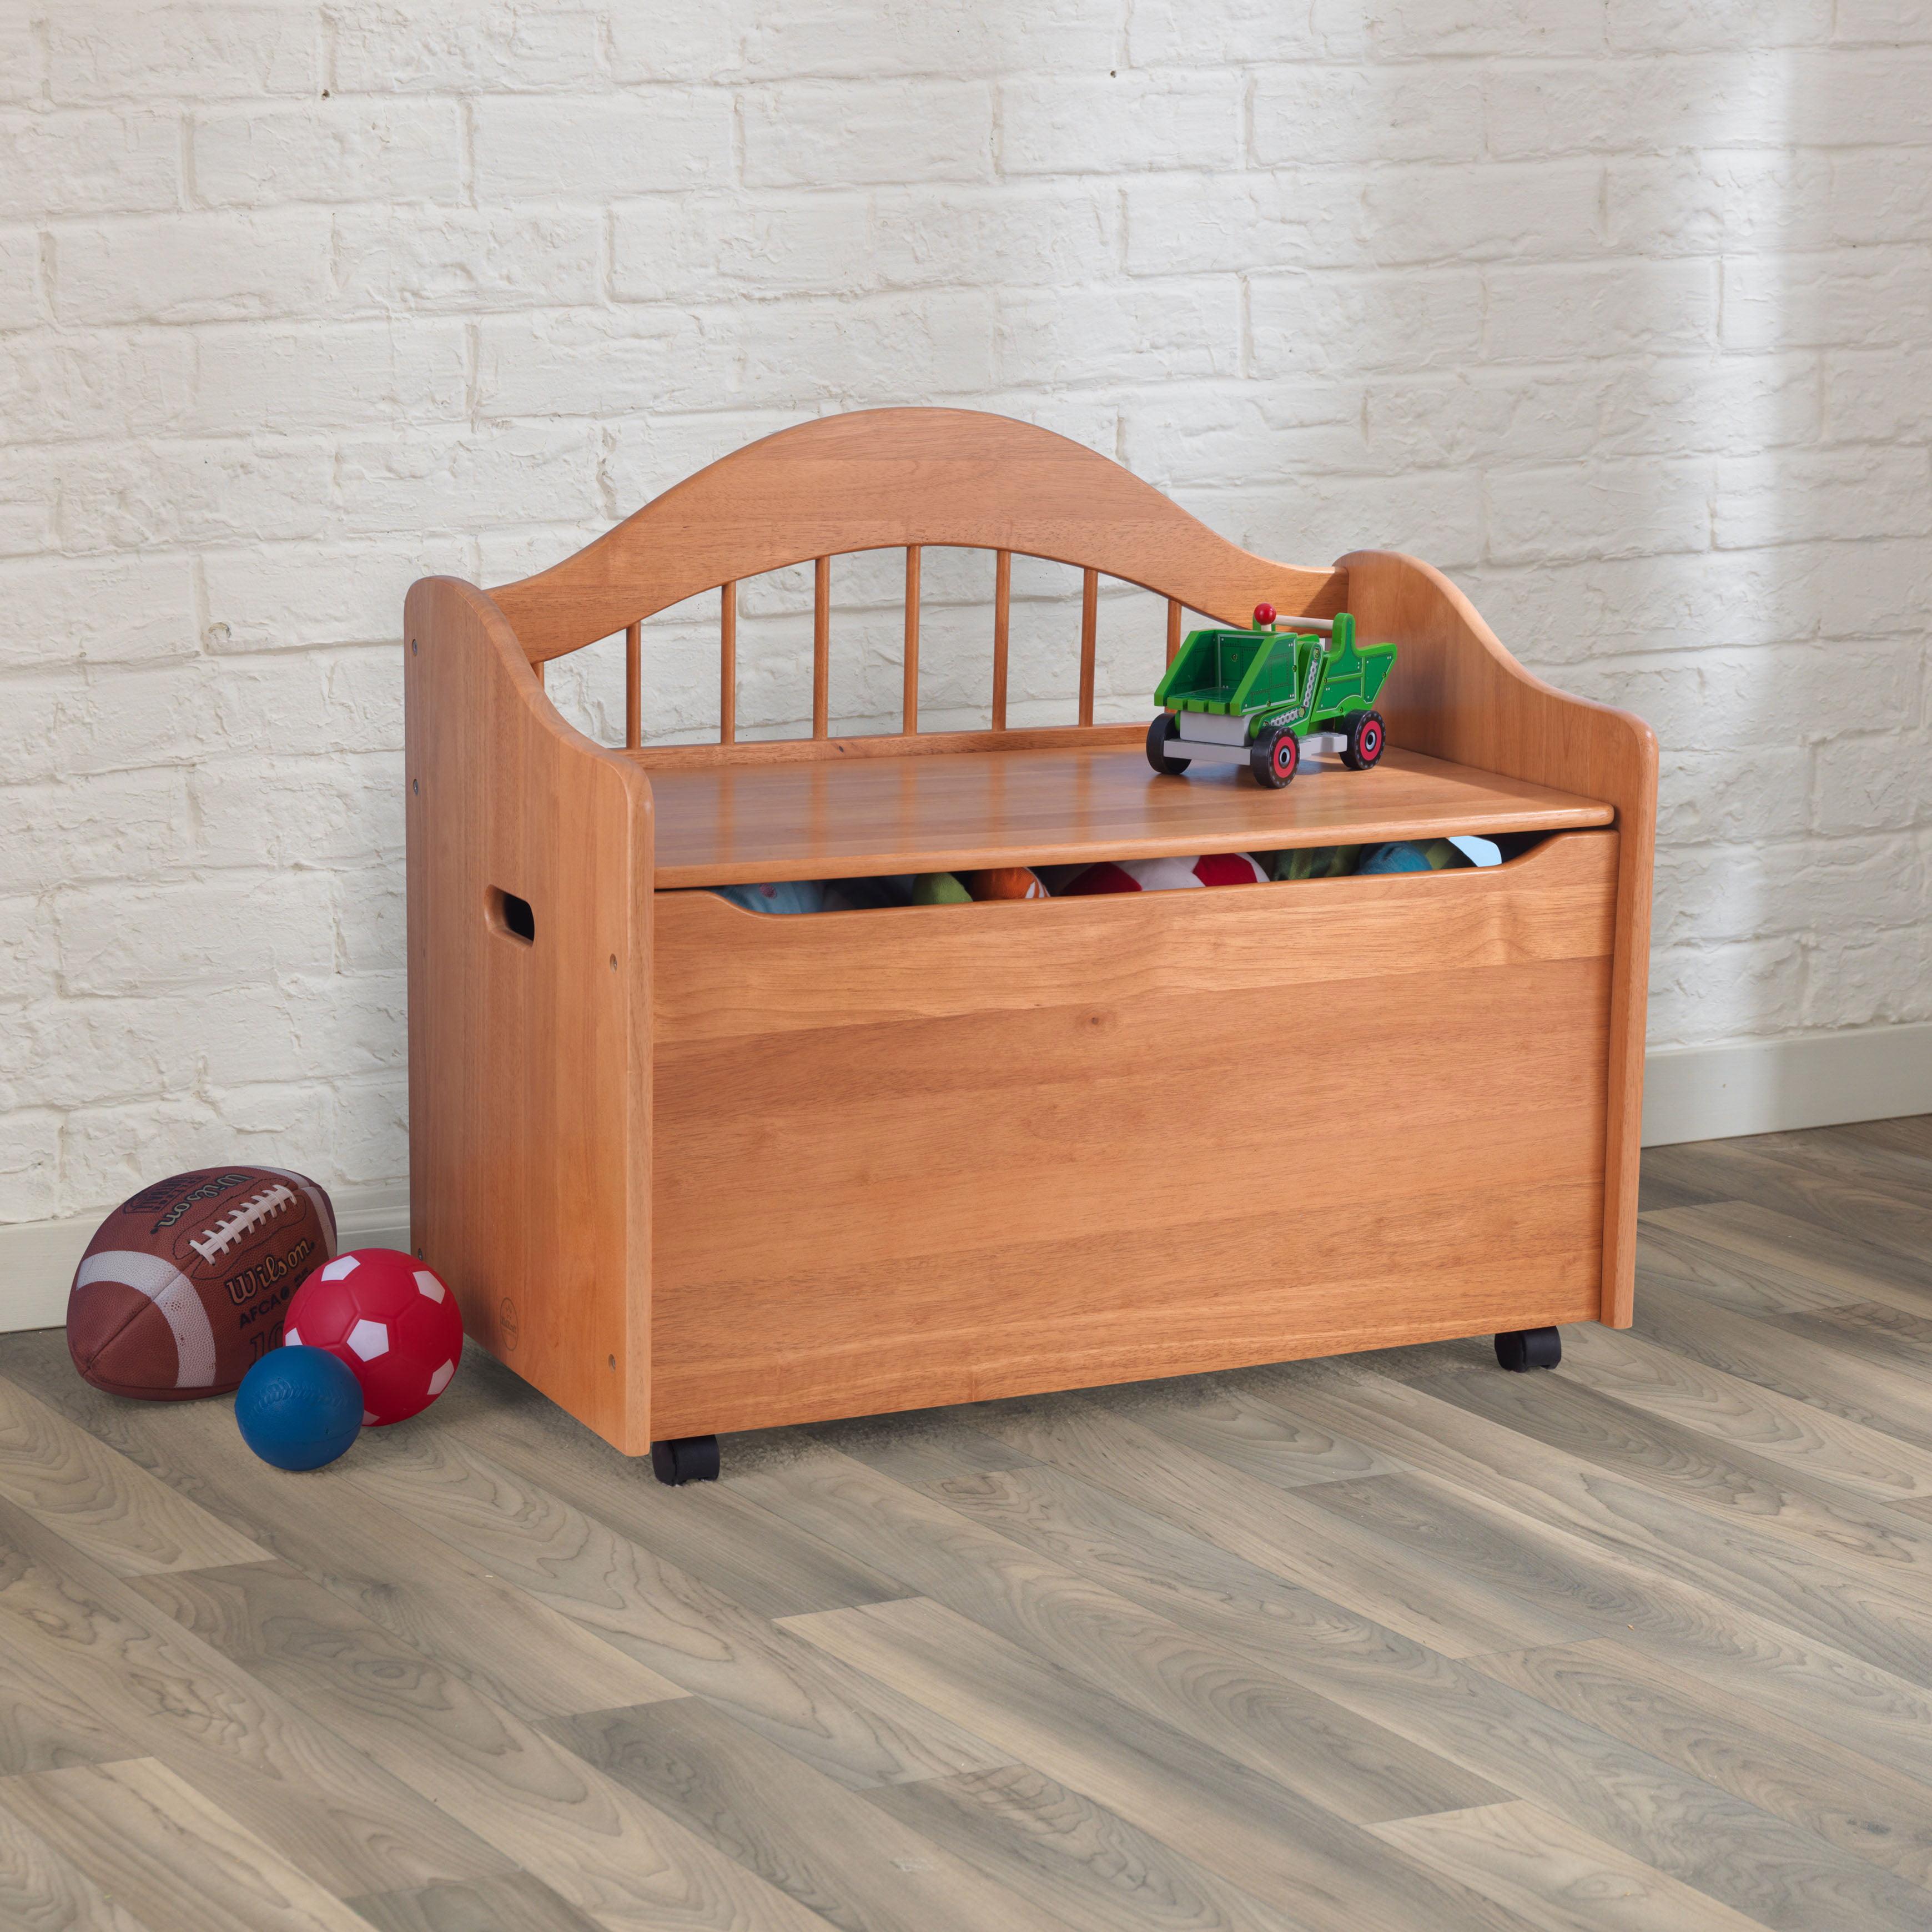 details about kidkraft wooden toy chest box sitting bench kids room linen  storage organizer